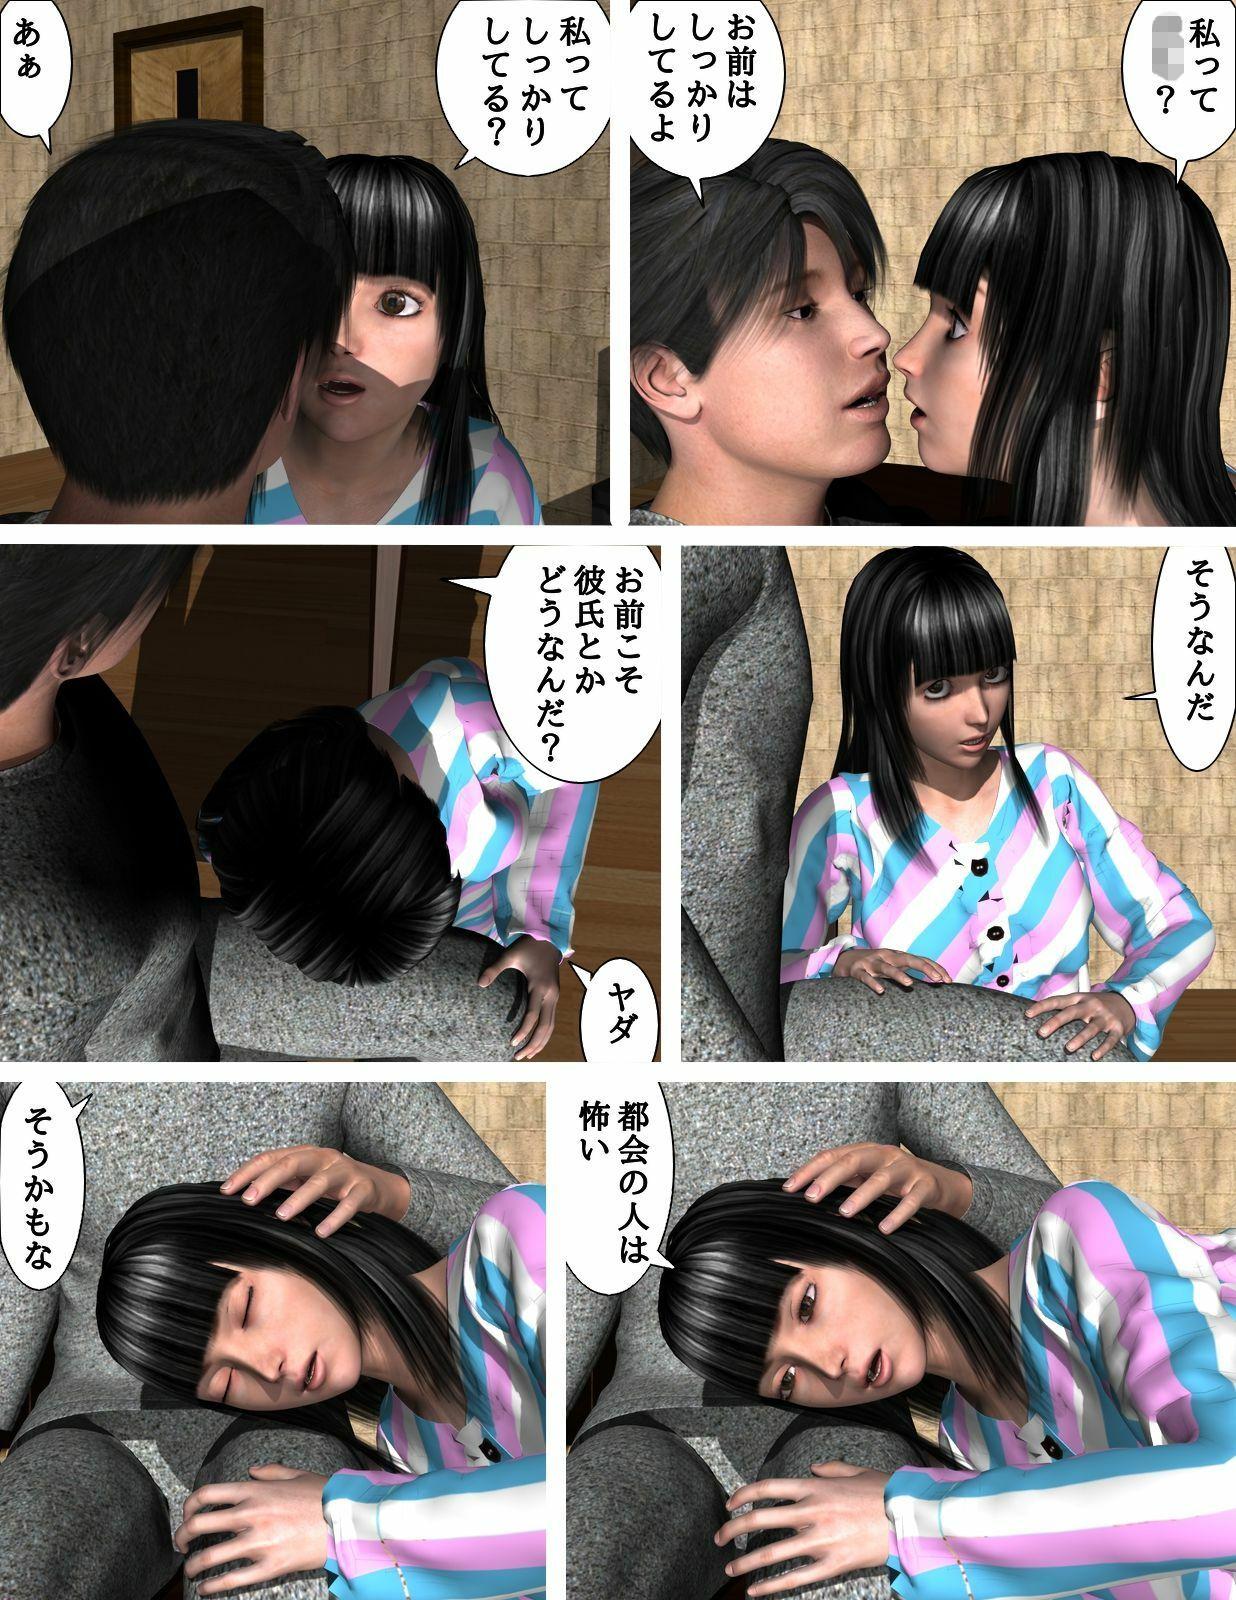 おにぃちゃんと・・・のサンプル画像4